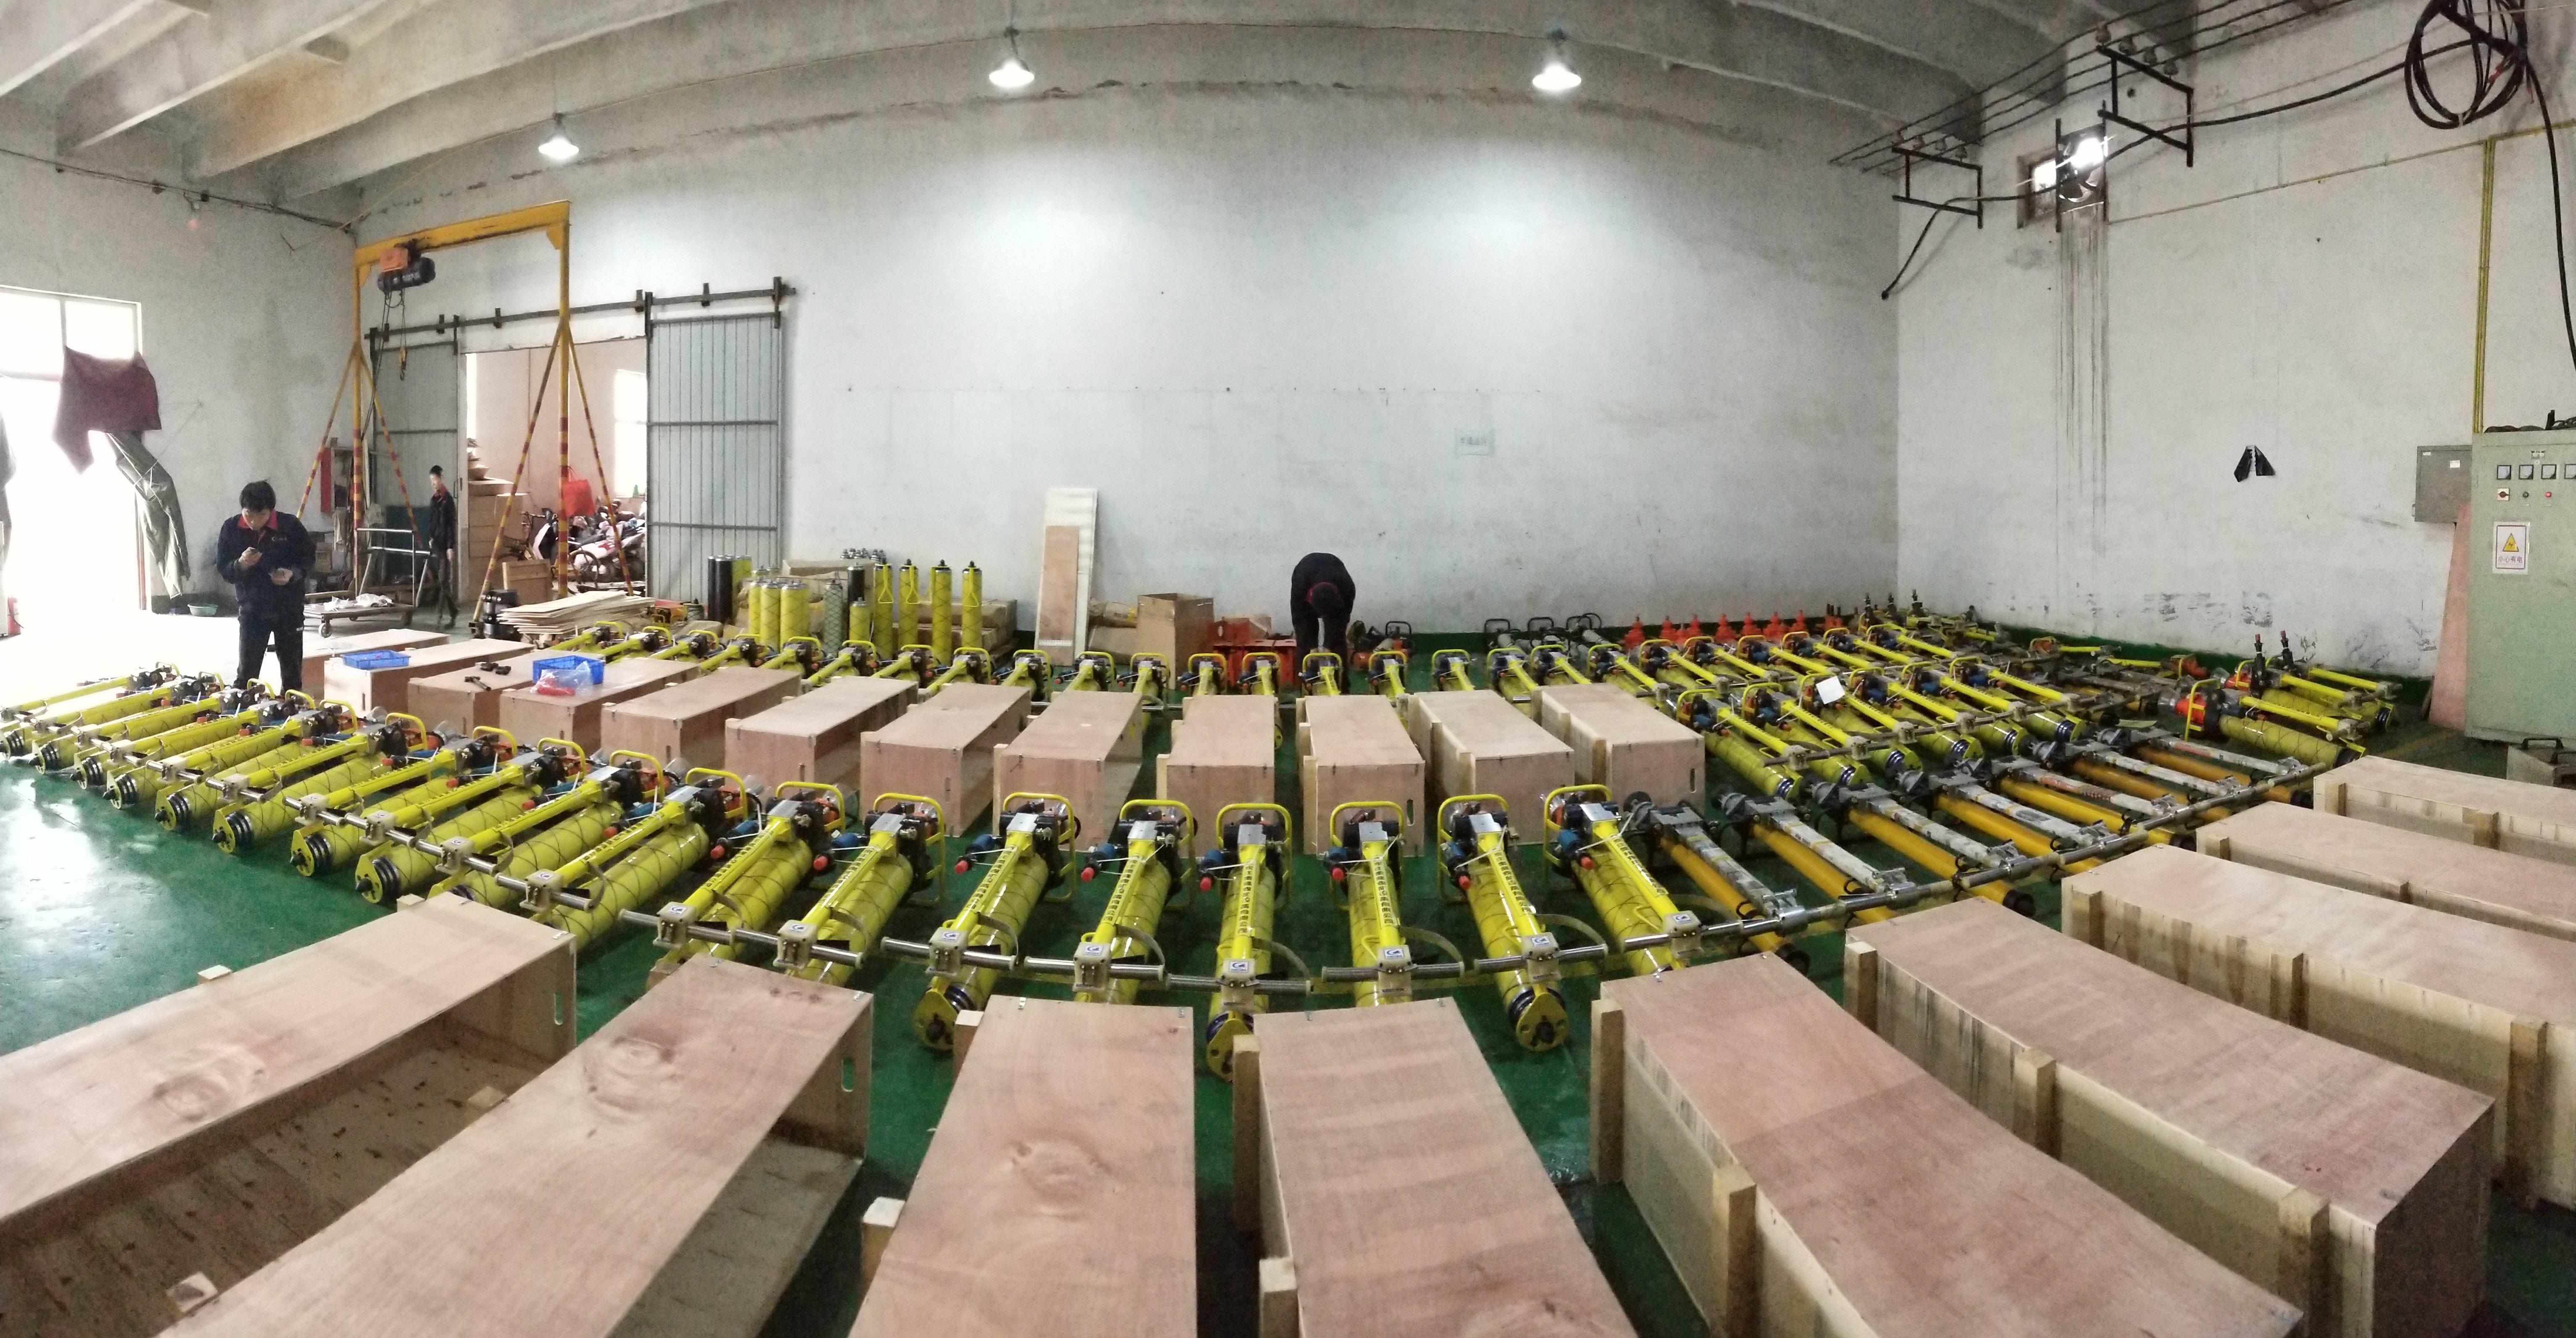 130锚杆钻机立式锚杆机多少钱小型锚杆机墨隆钻机厂家130气动锚杆钻机